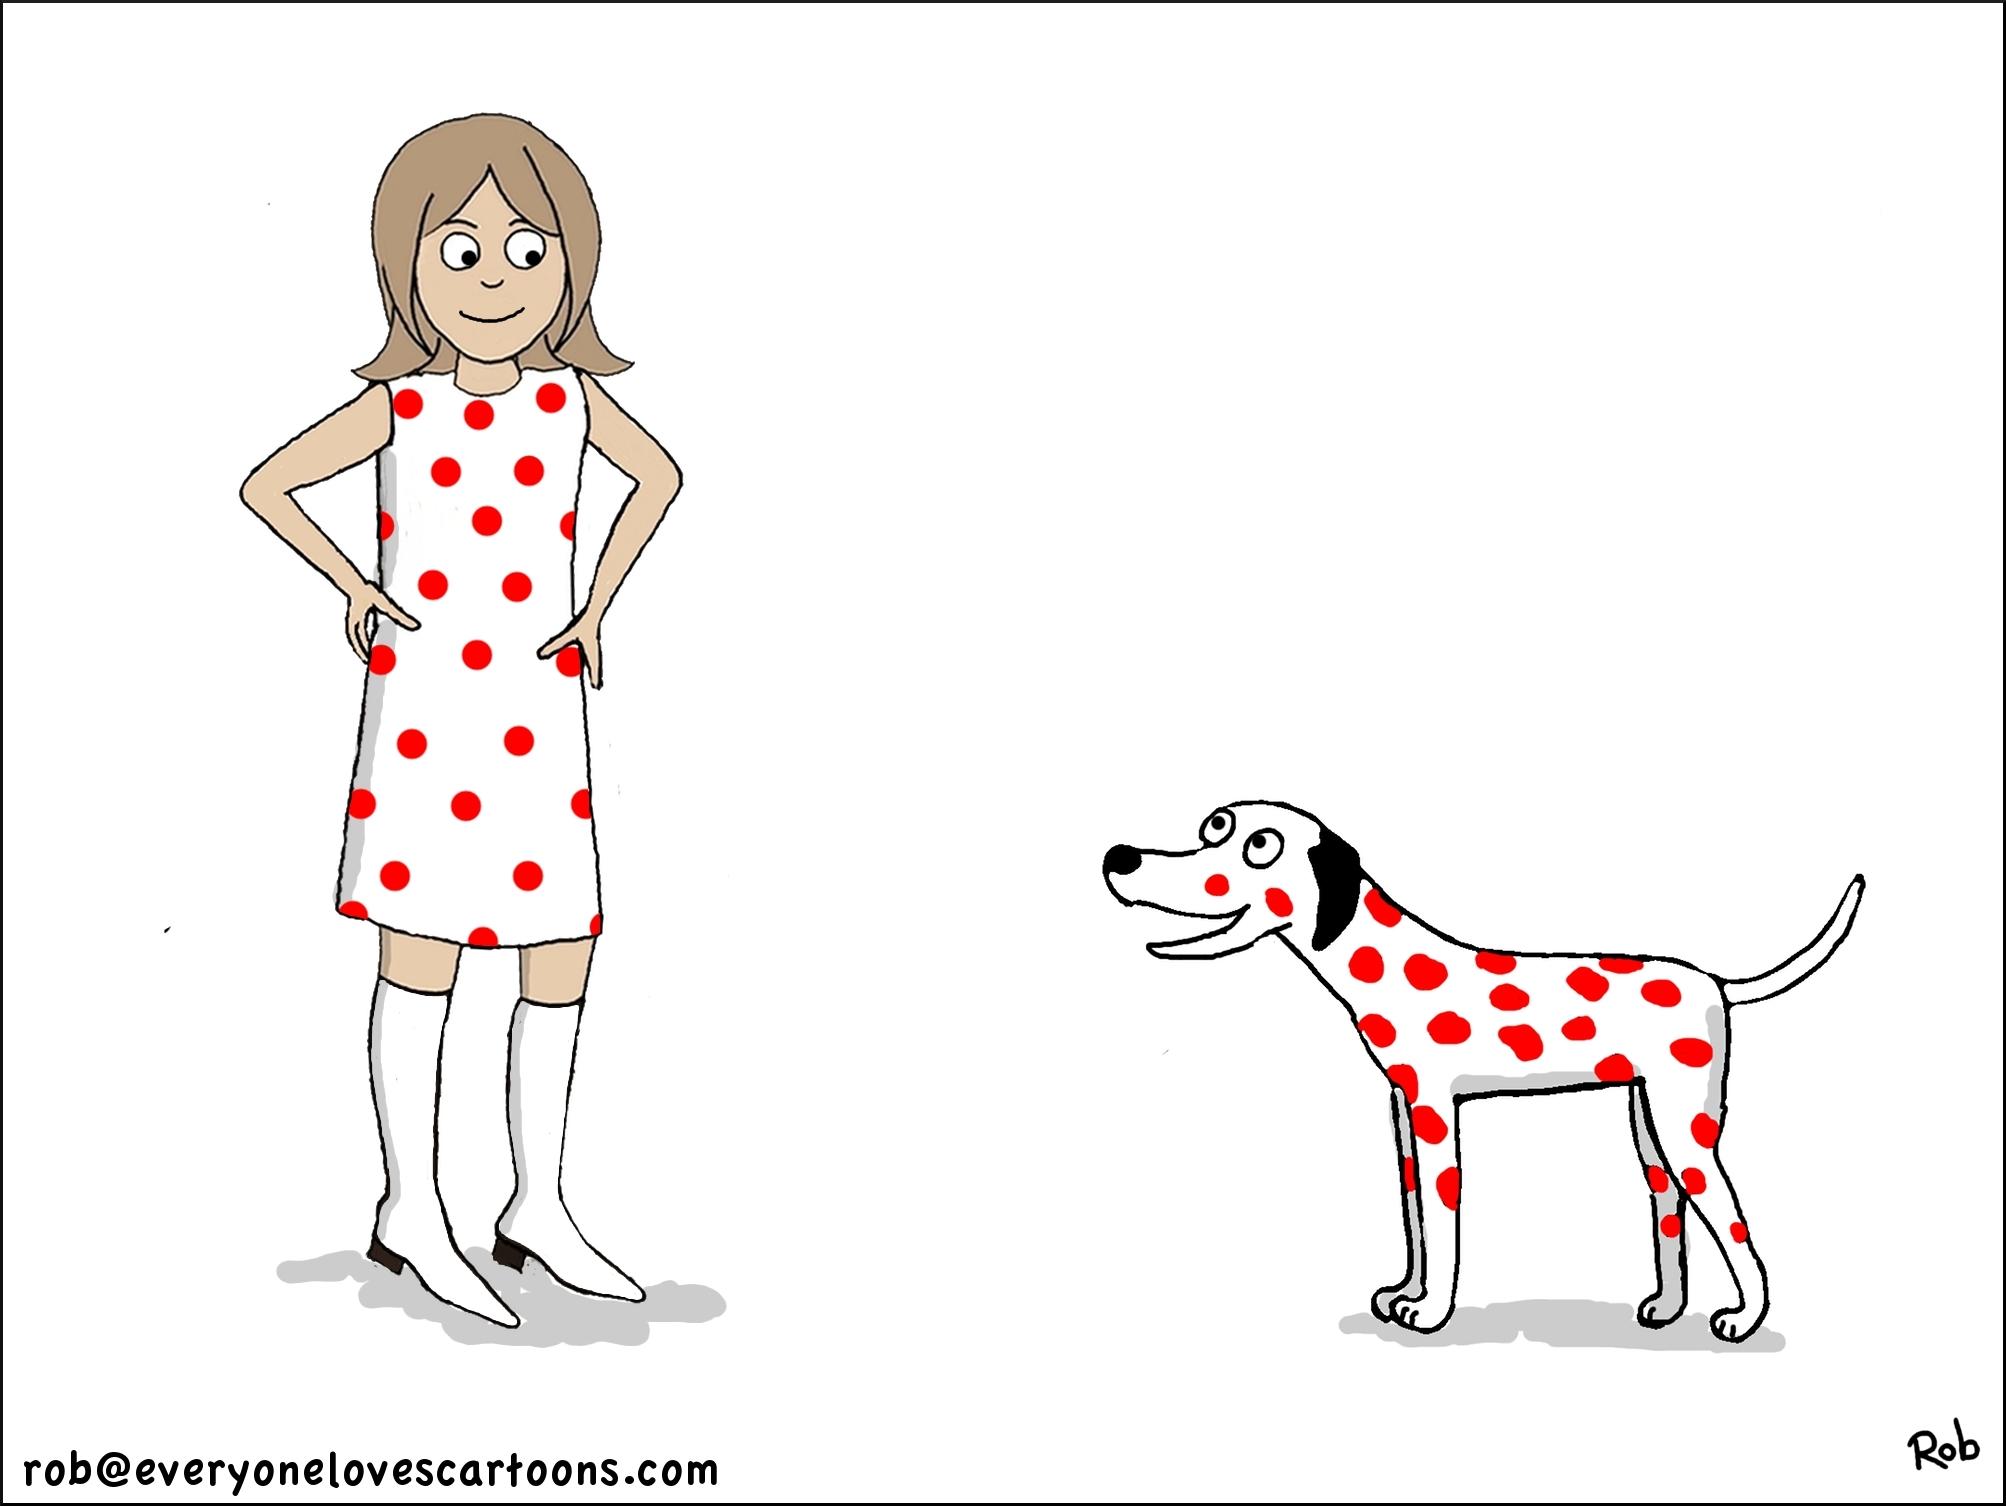 dalmatian-cartoon